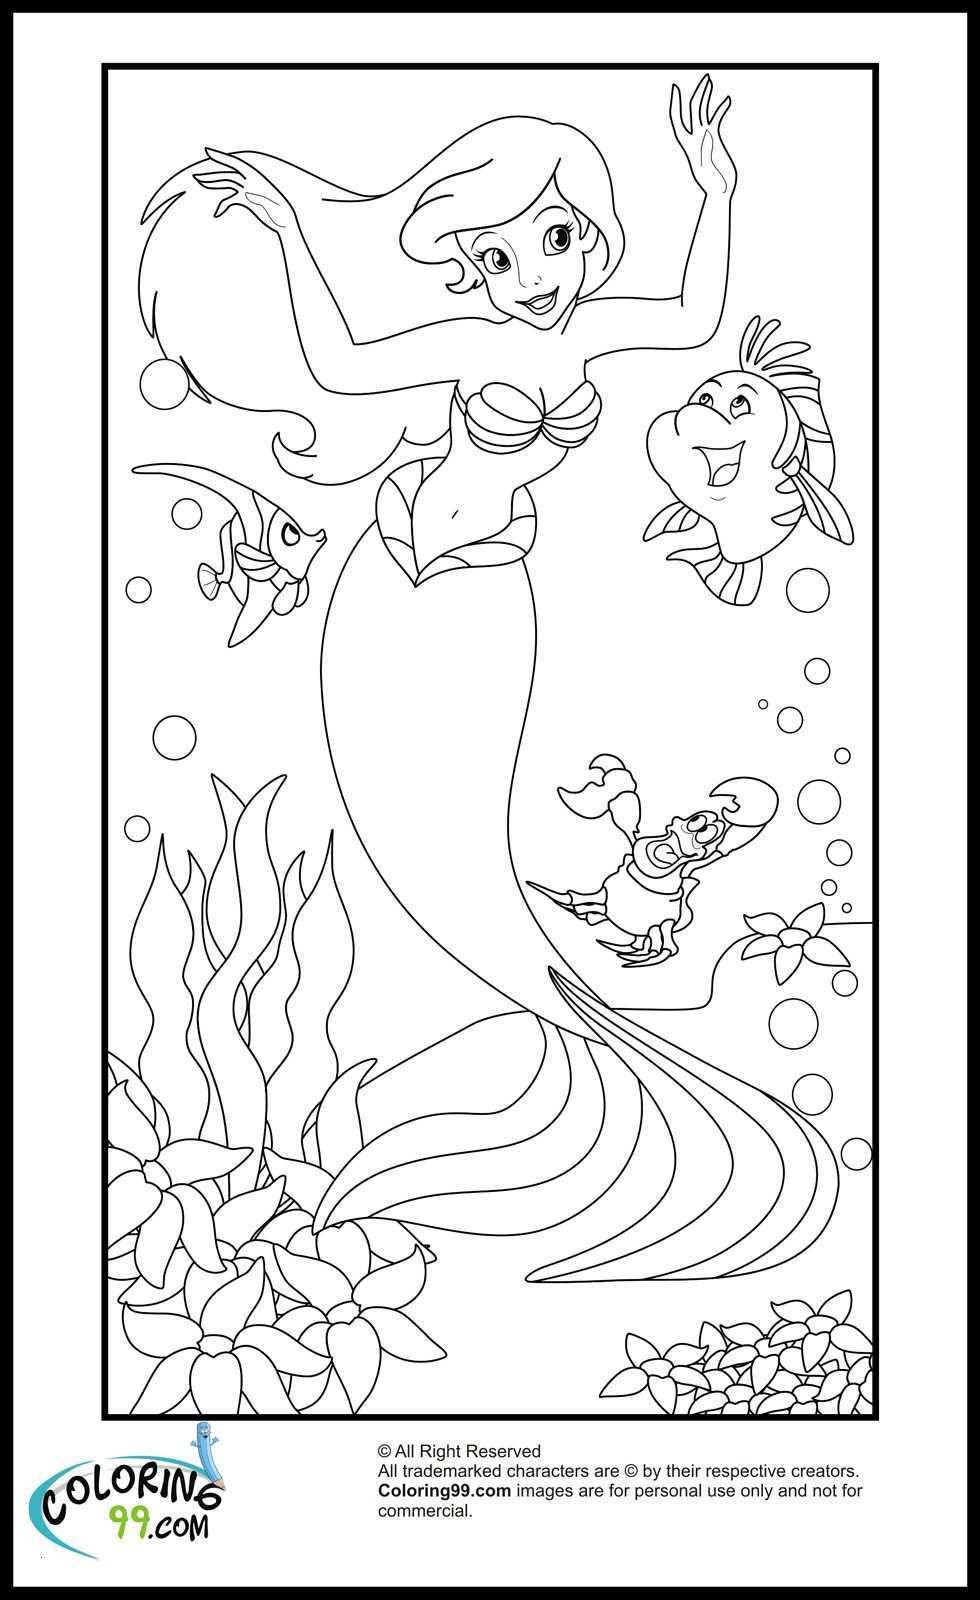 Arielle Ausmalbilder Zum Drucken Kostenlos Frisch Arielle Die Meerjungfrau Ausmalbild Bild Malvorlagen Fur Kinder Sammlung